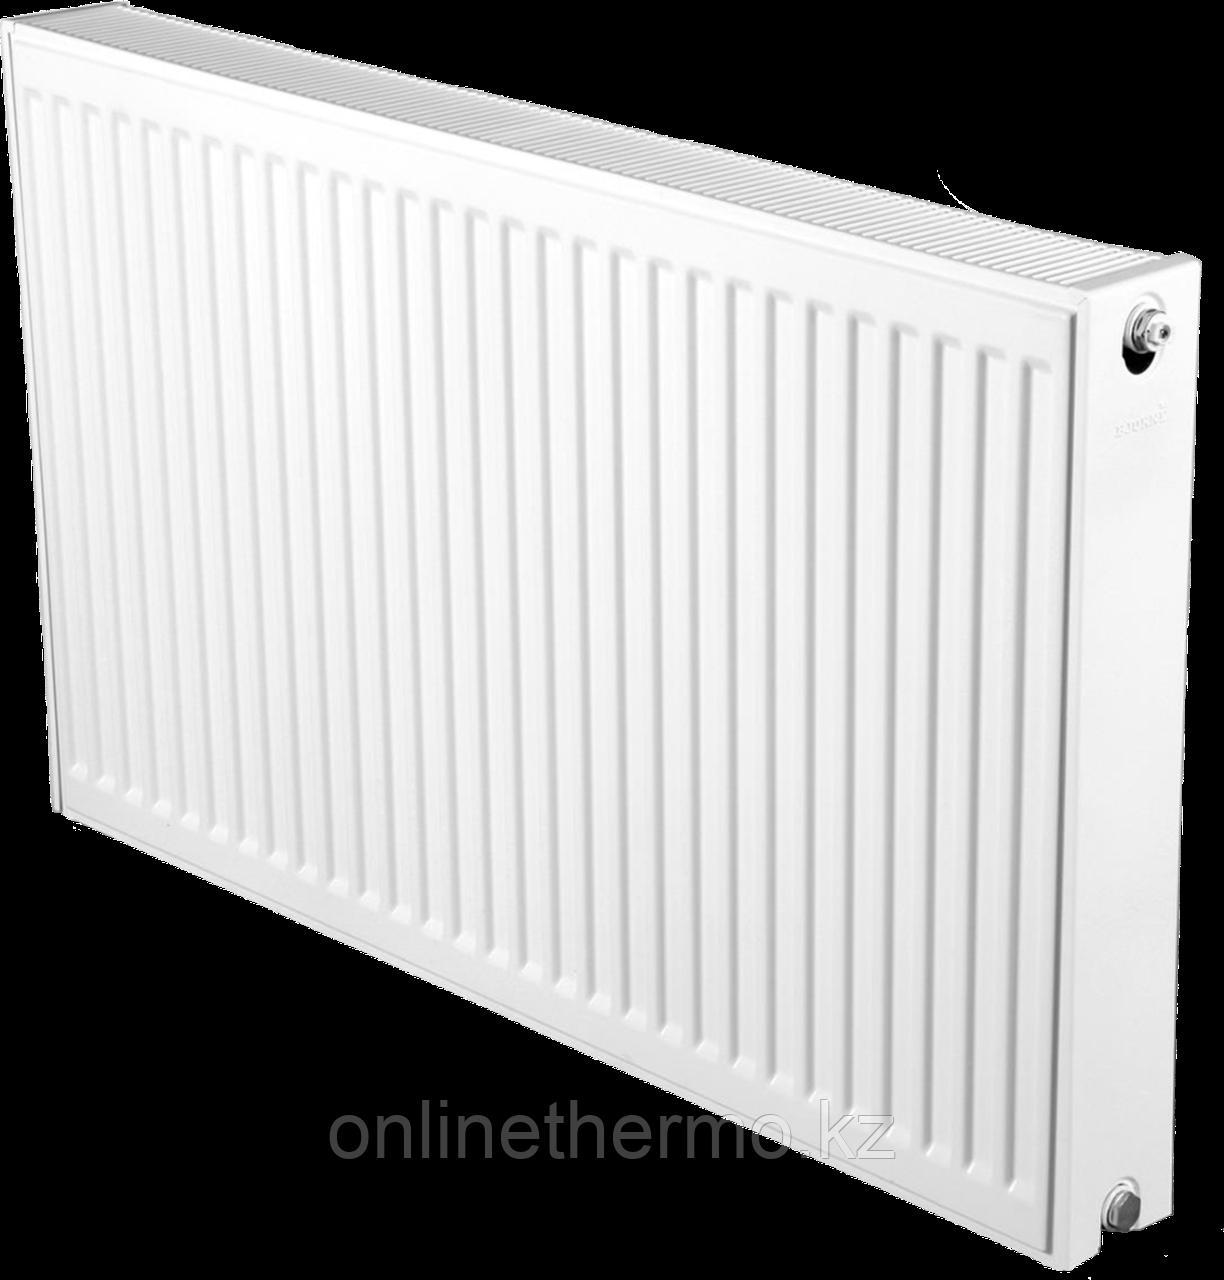 Радиатор стальной тип 22K H300мм*L1200мм панельный Bjorne боковое подключение - фото 1